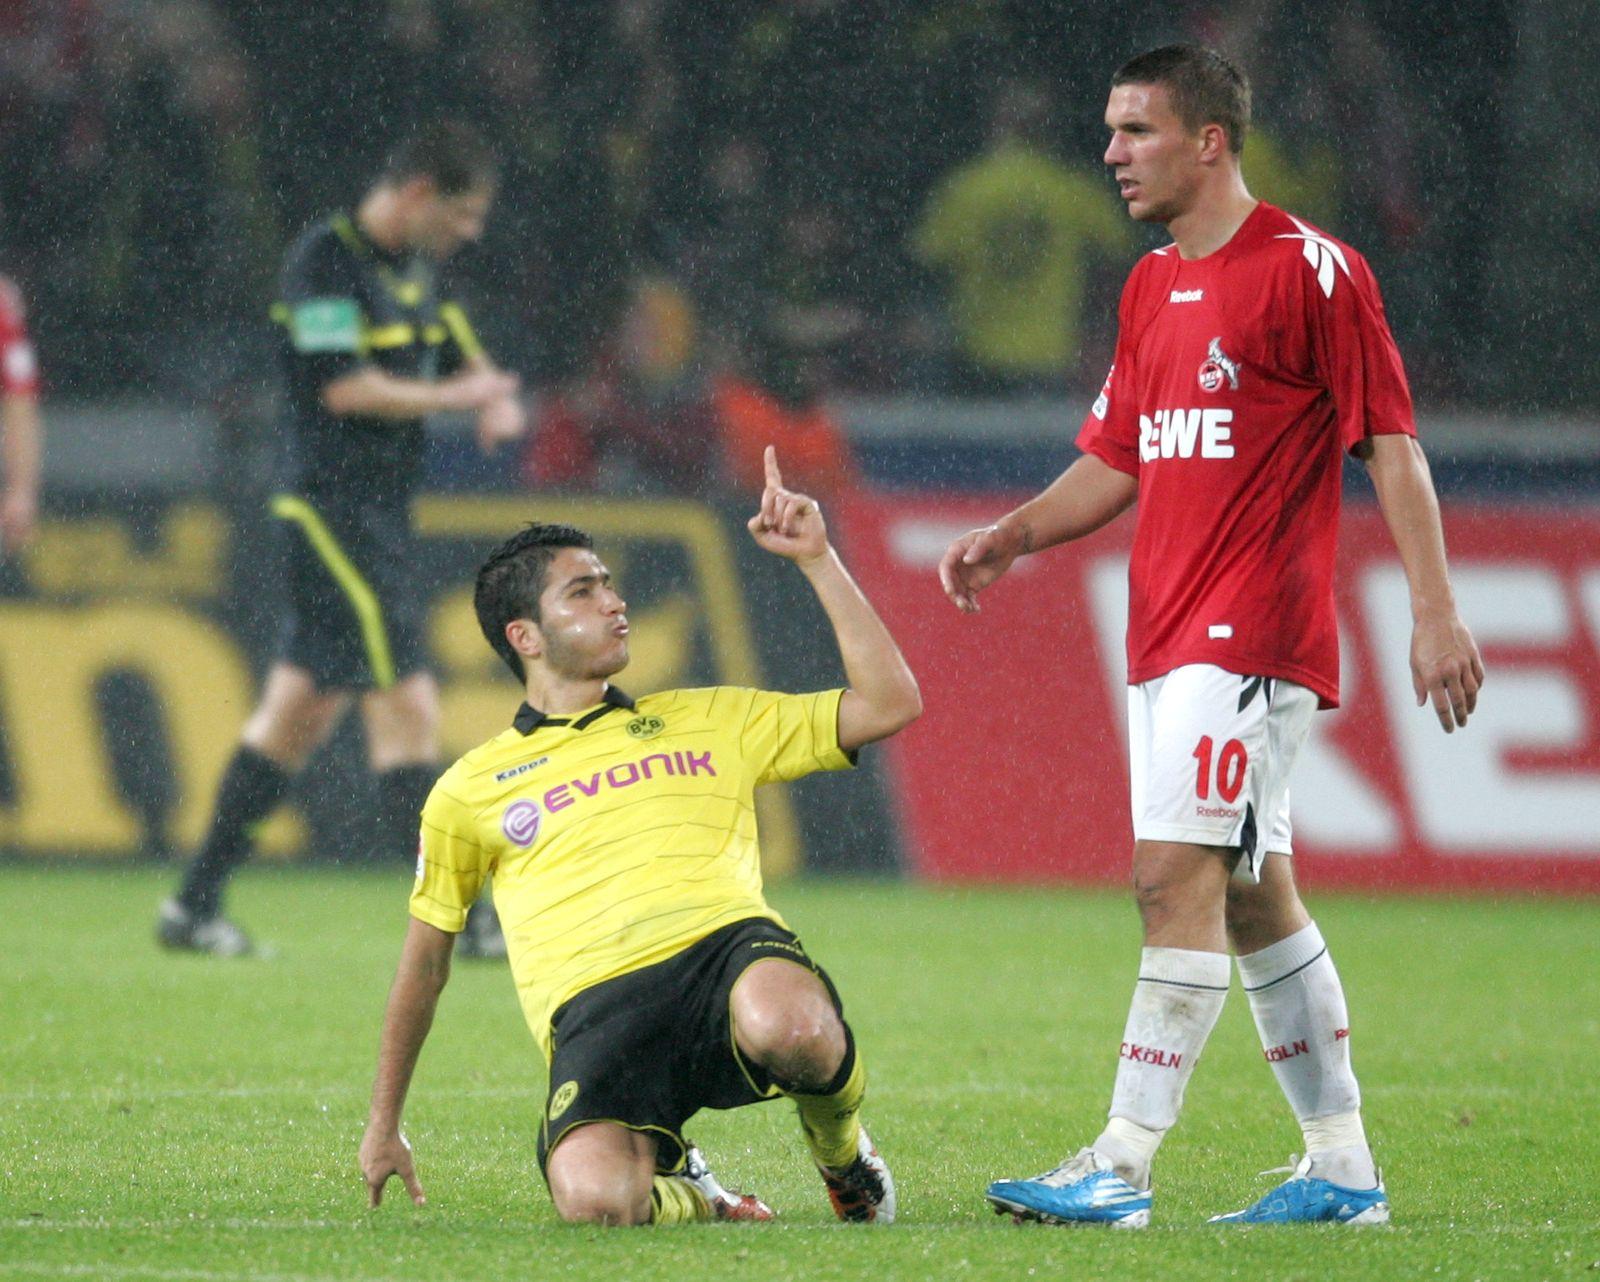 NICHT VERWENDEN BVB-Saison / vs 1. FC Köln / 15.10.10